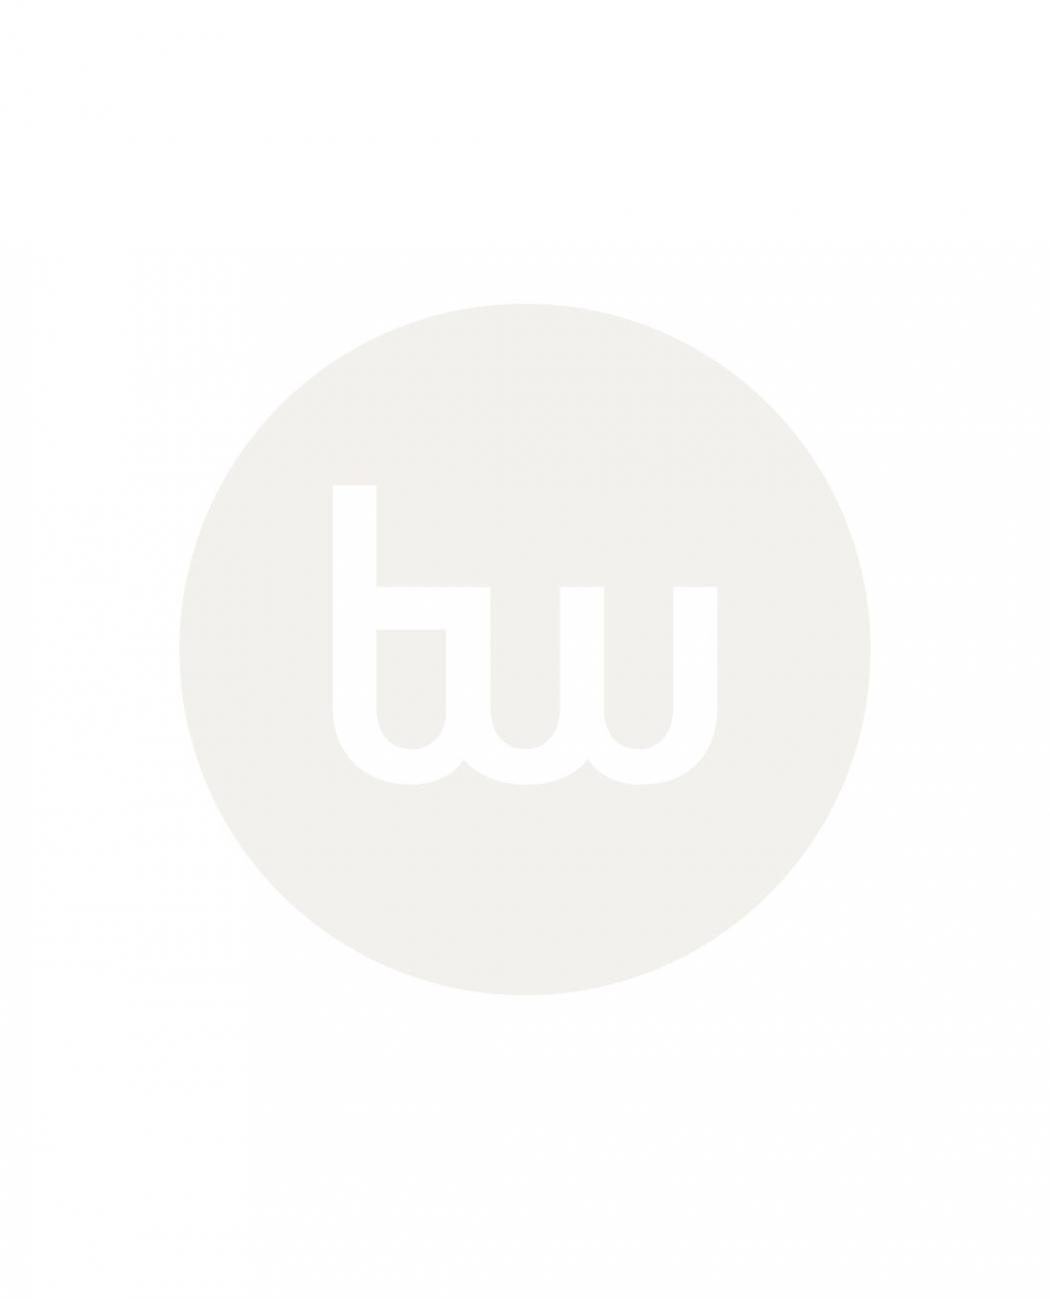 6558bd270e8 LOWA Ronan MID TF Black - TACWRK